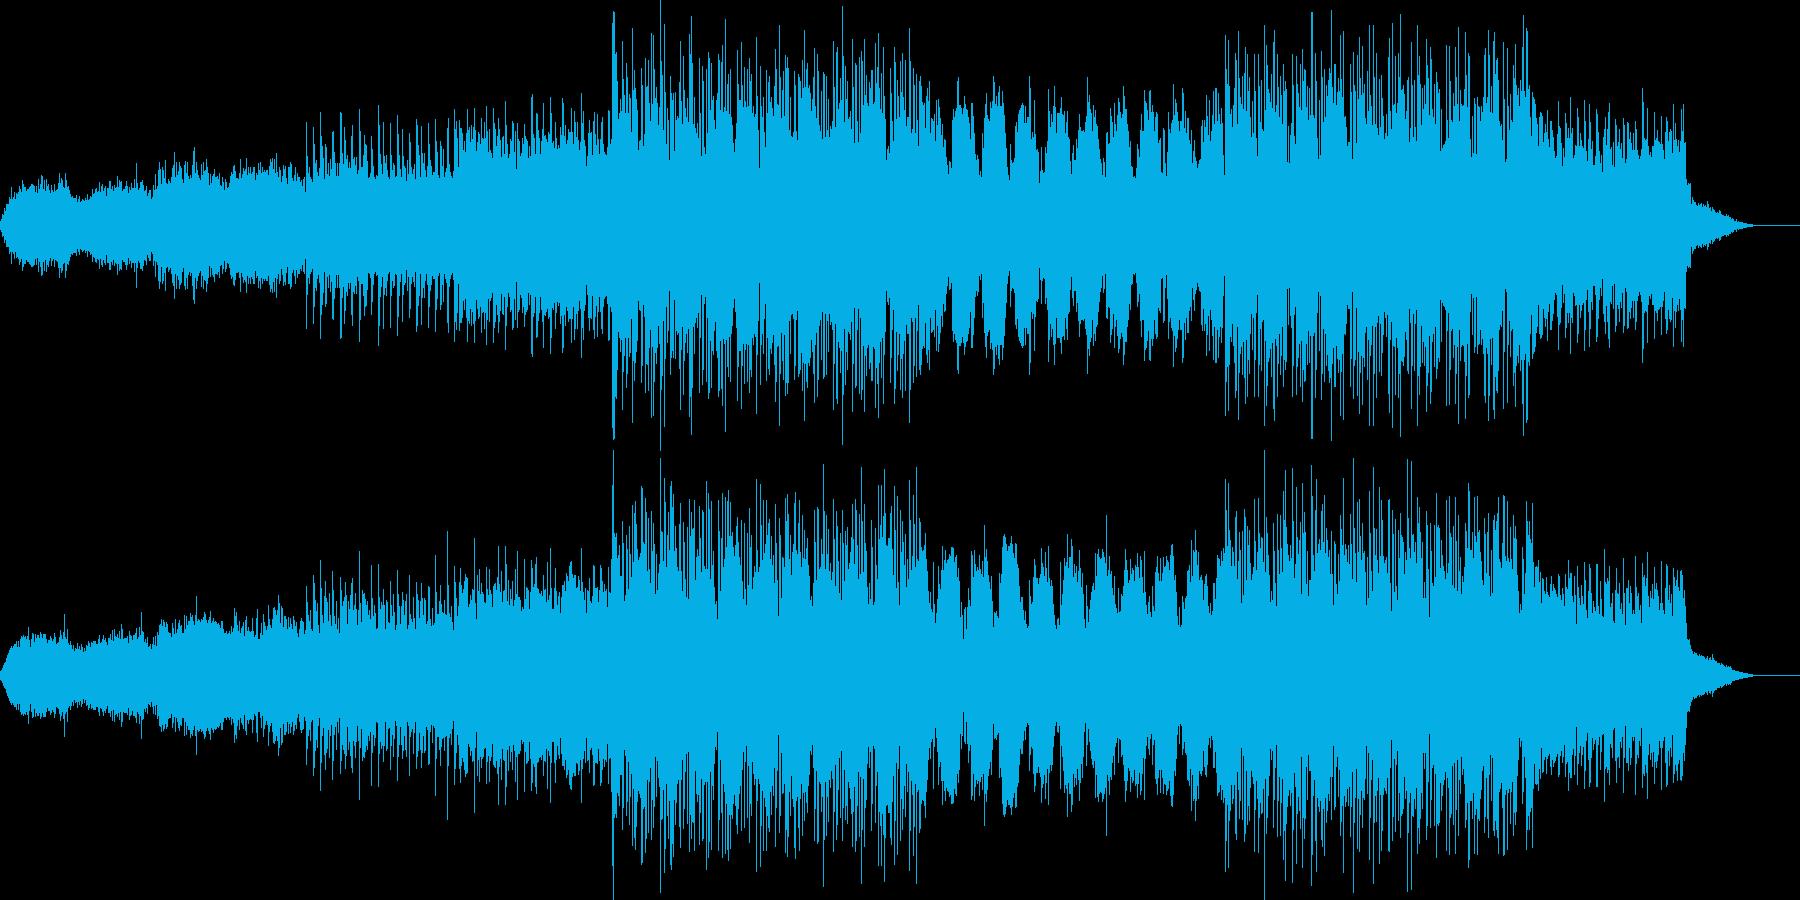 映画音楽、荘厳重厚、映像向け-15の再生済みの波形